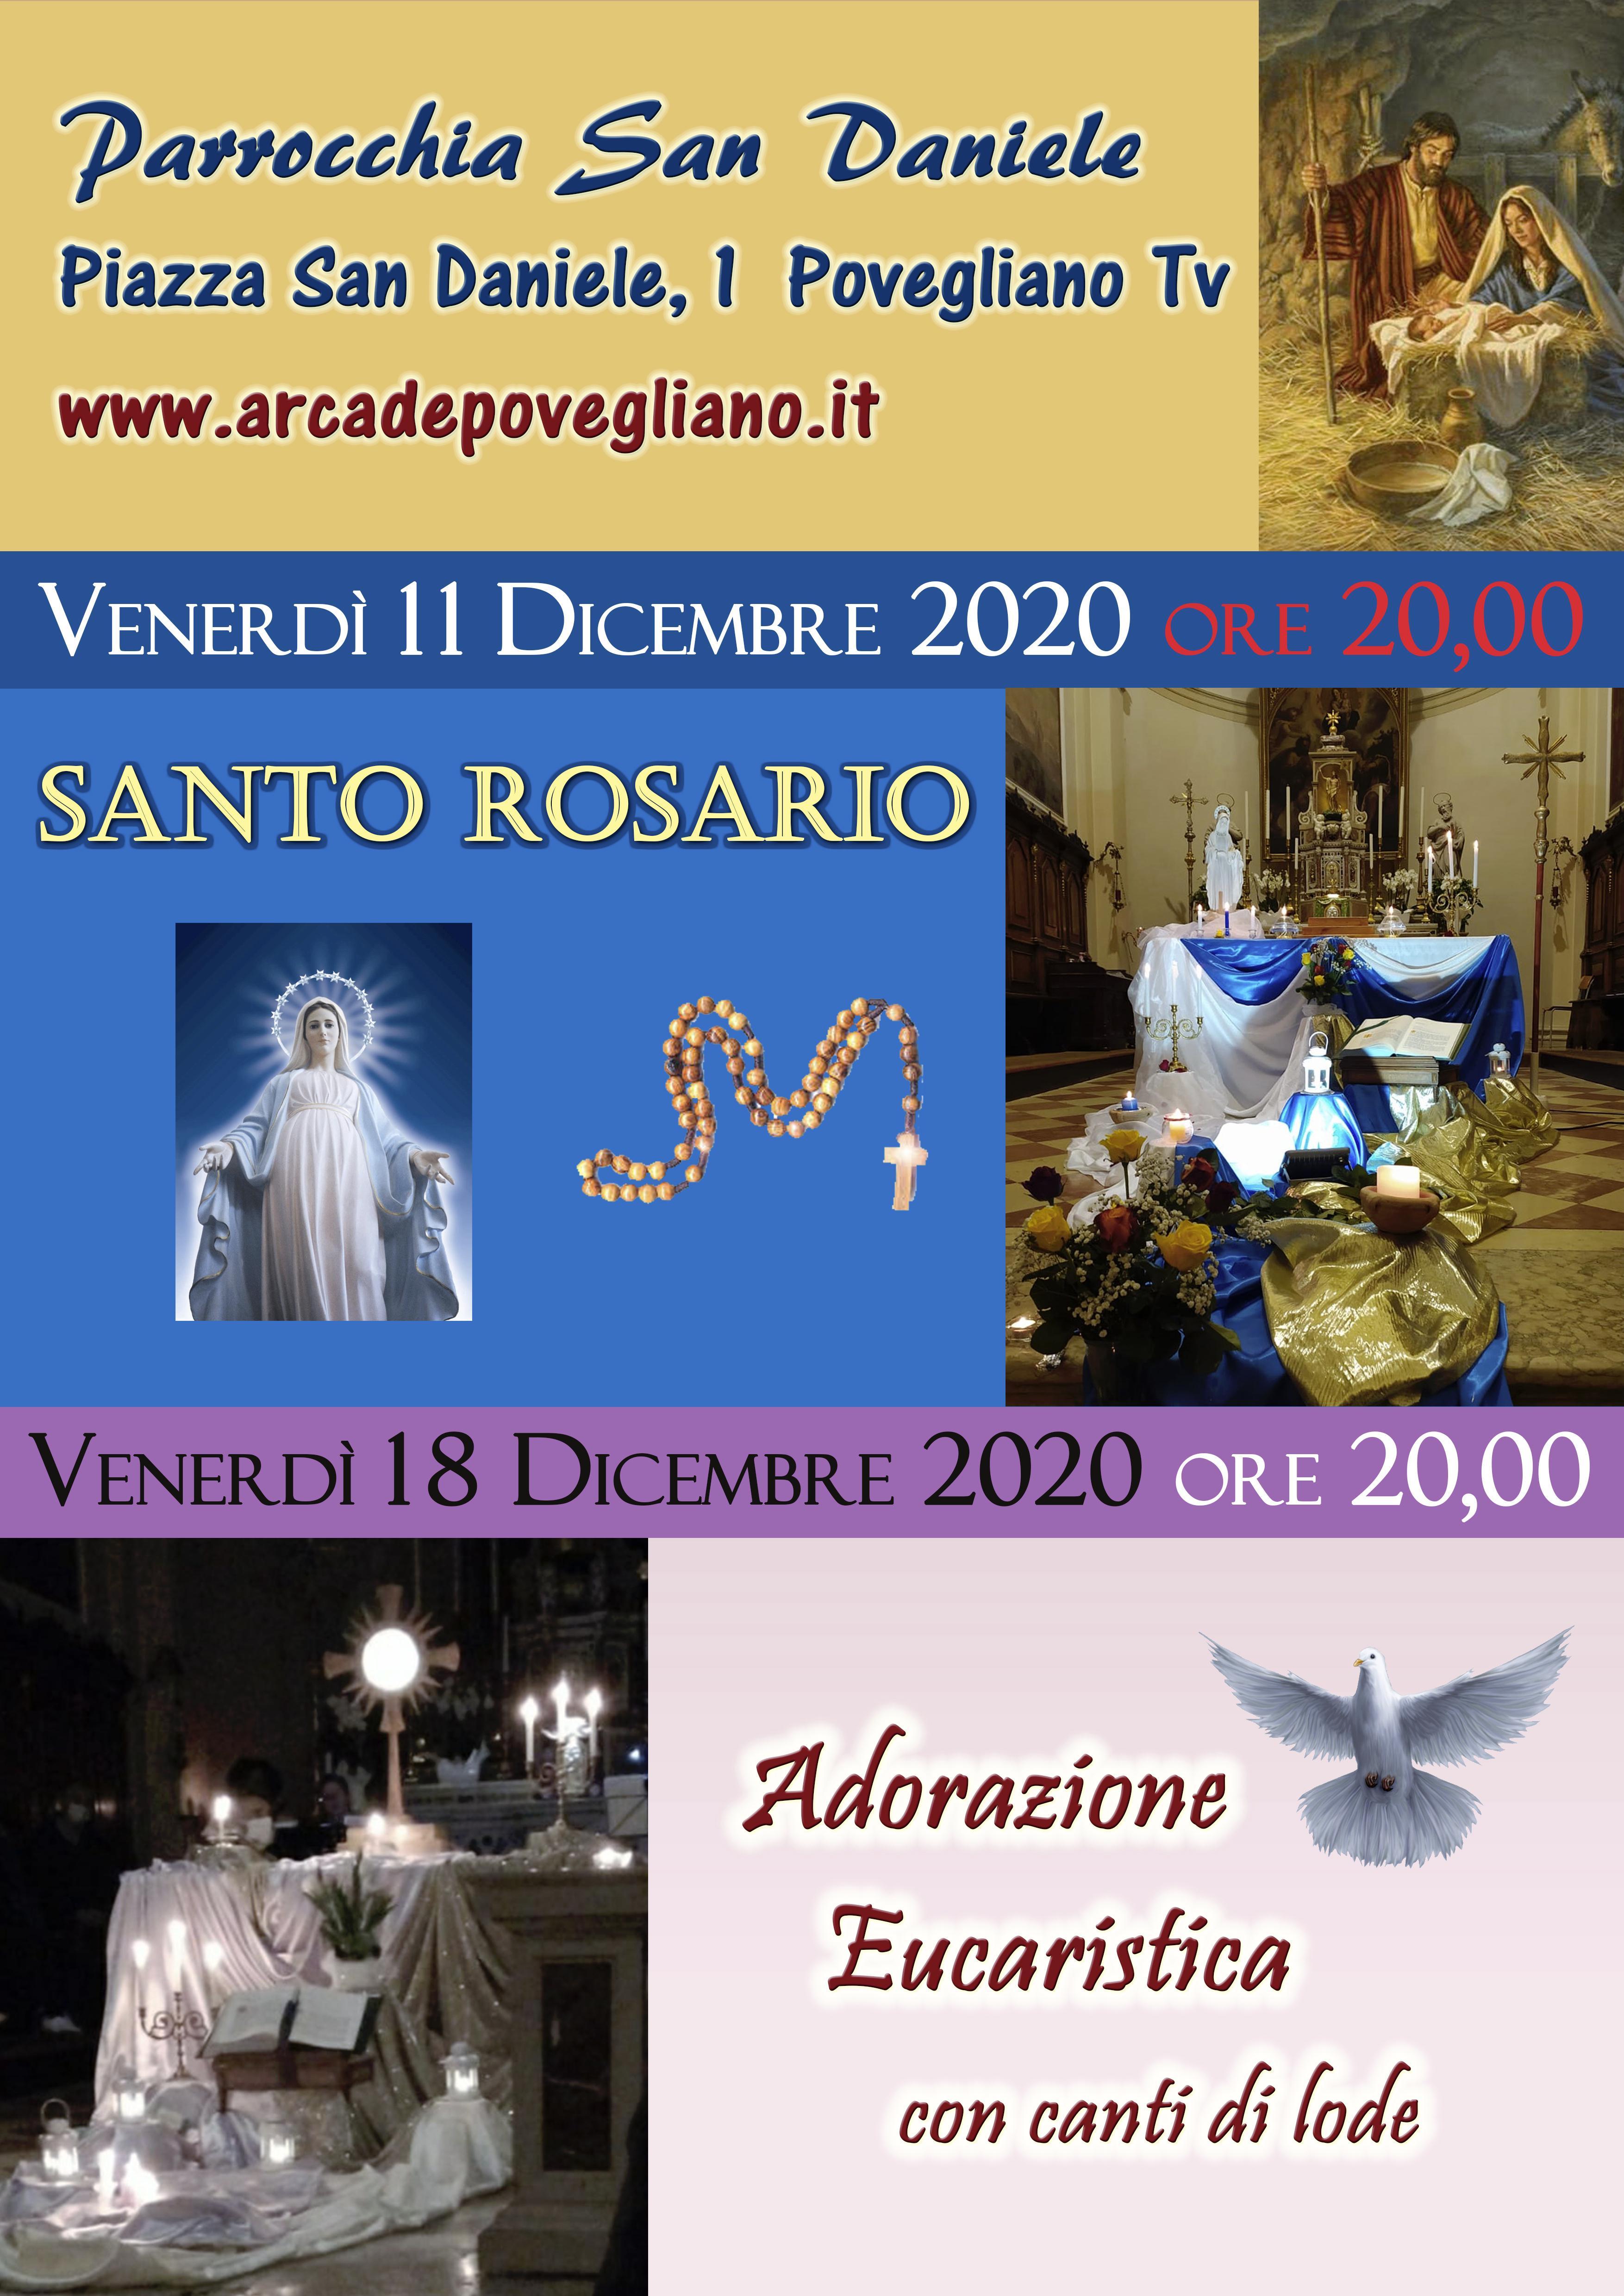 rosario e adorazione dicembre 2020 collaborazione